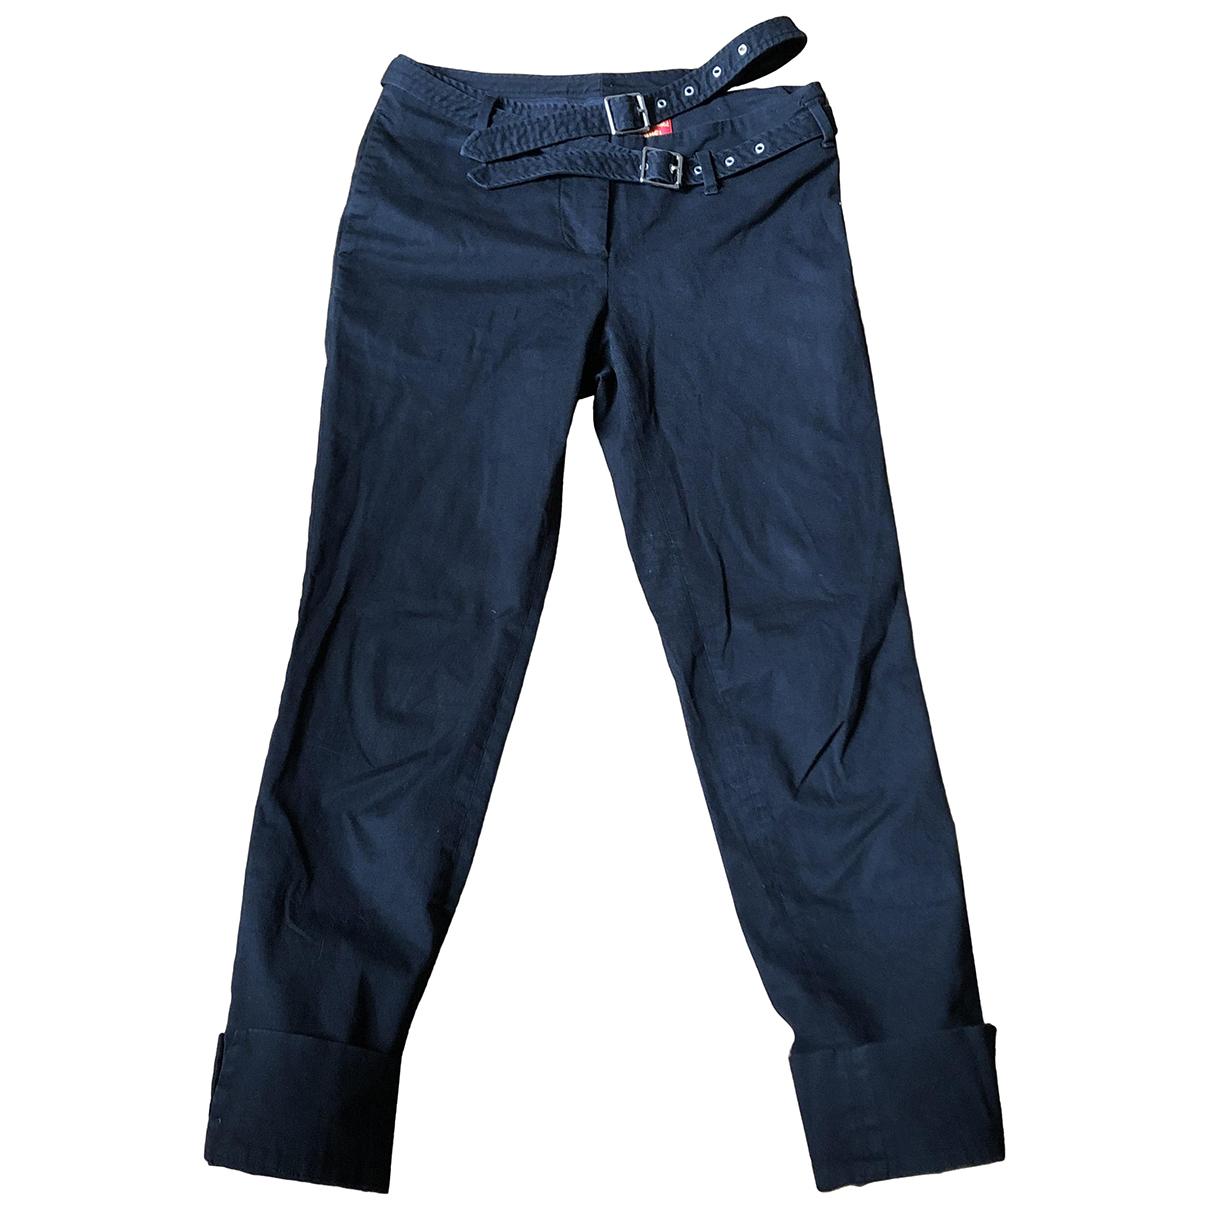 Pantalon recto Vivienne Westwood